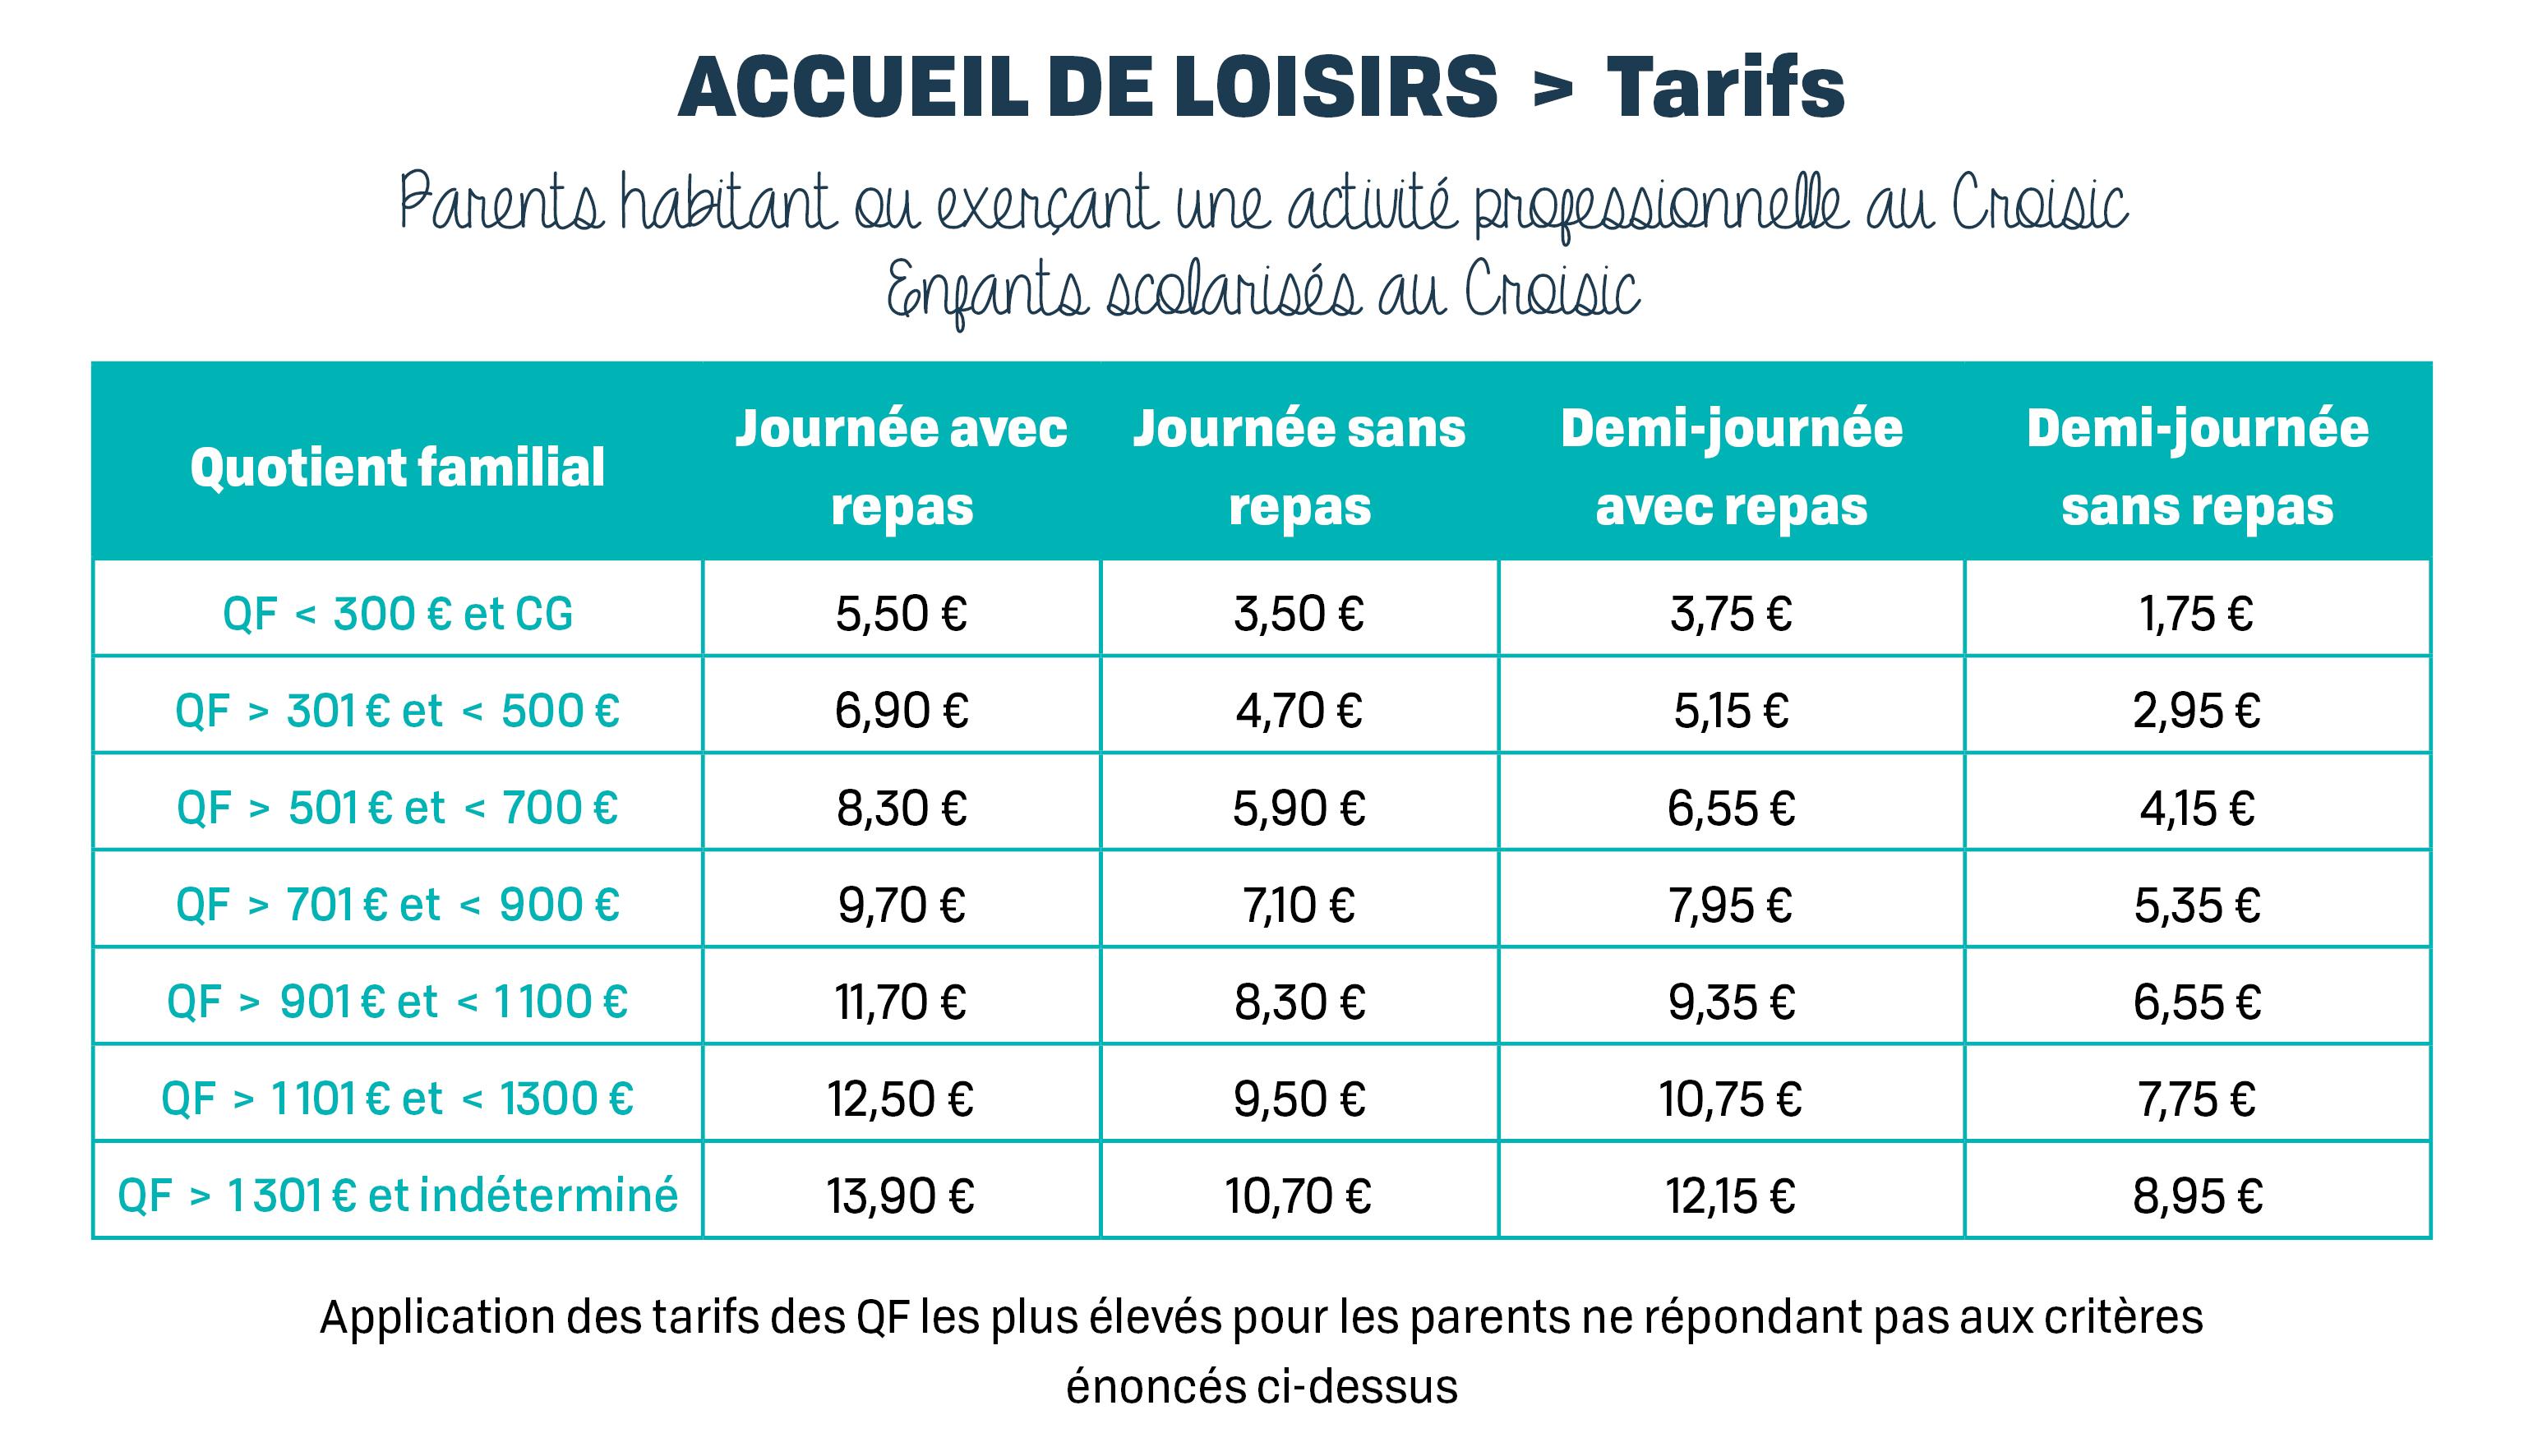 Tarifs - Accueil de loisirs.jpg